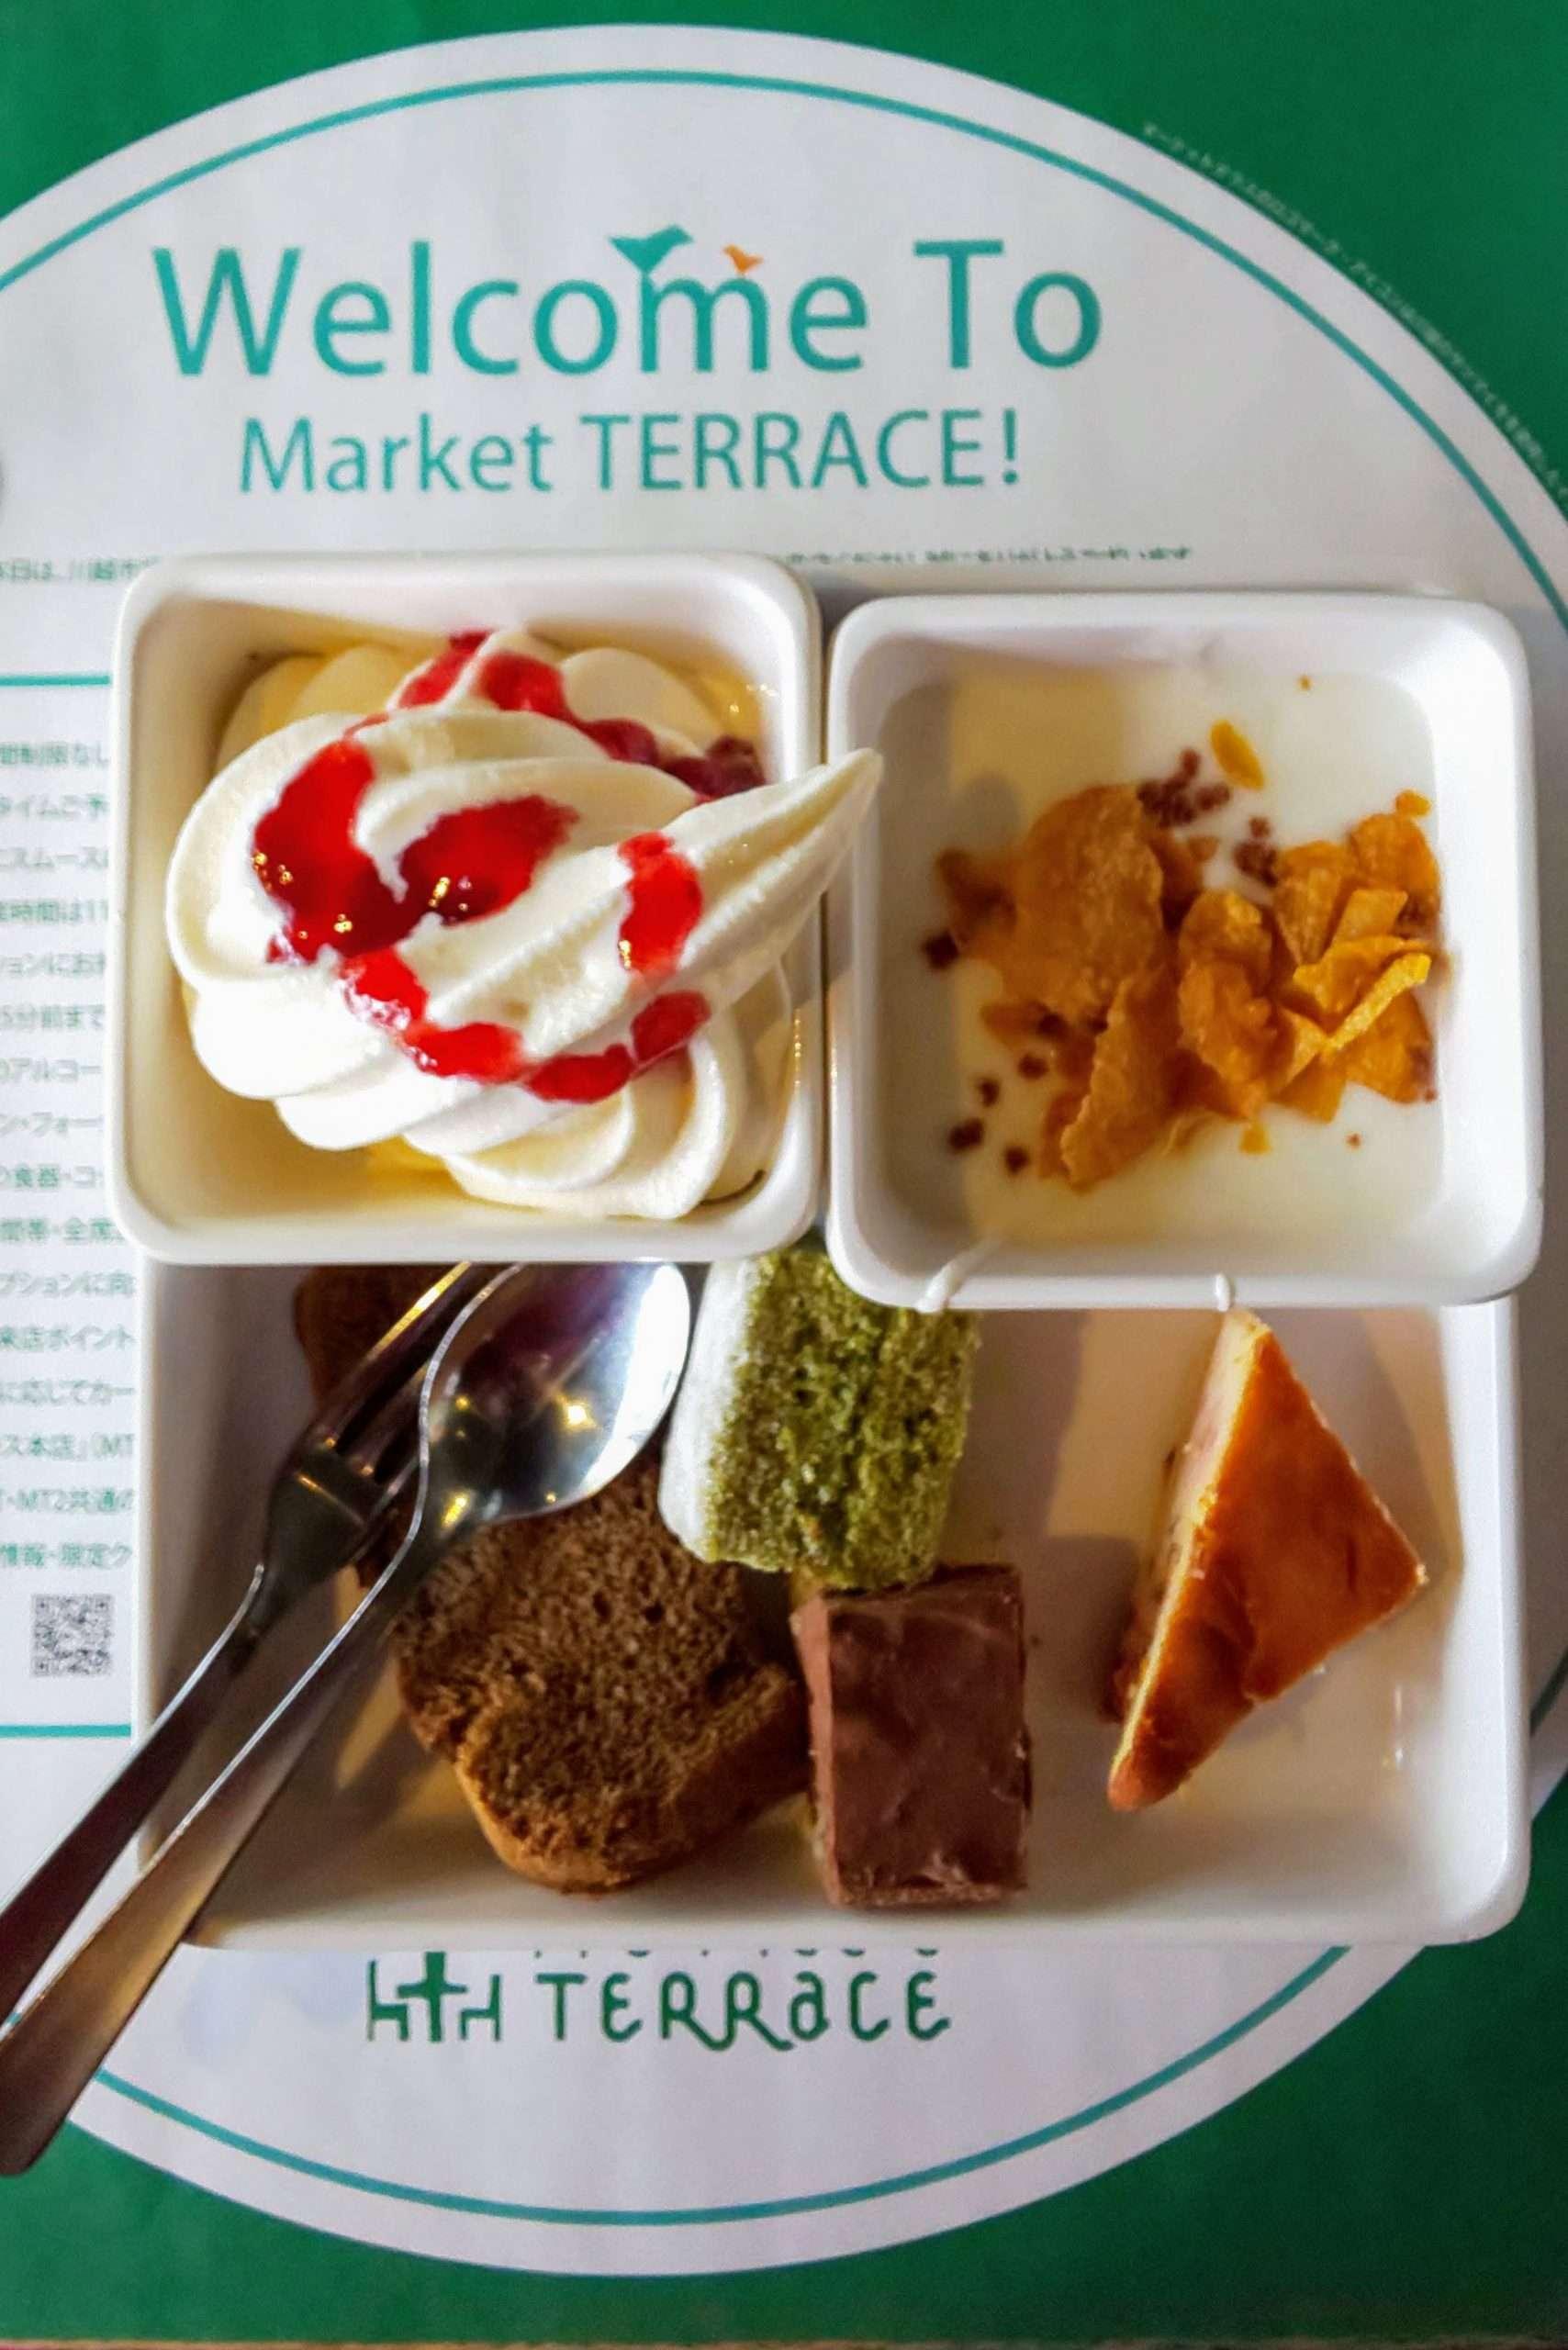 Market Terrace